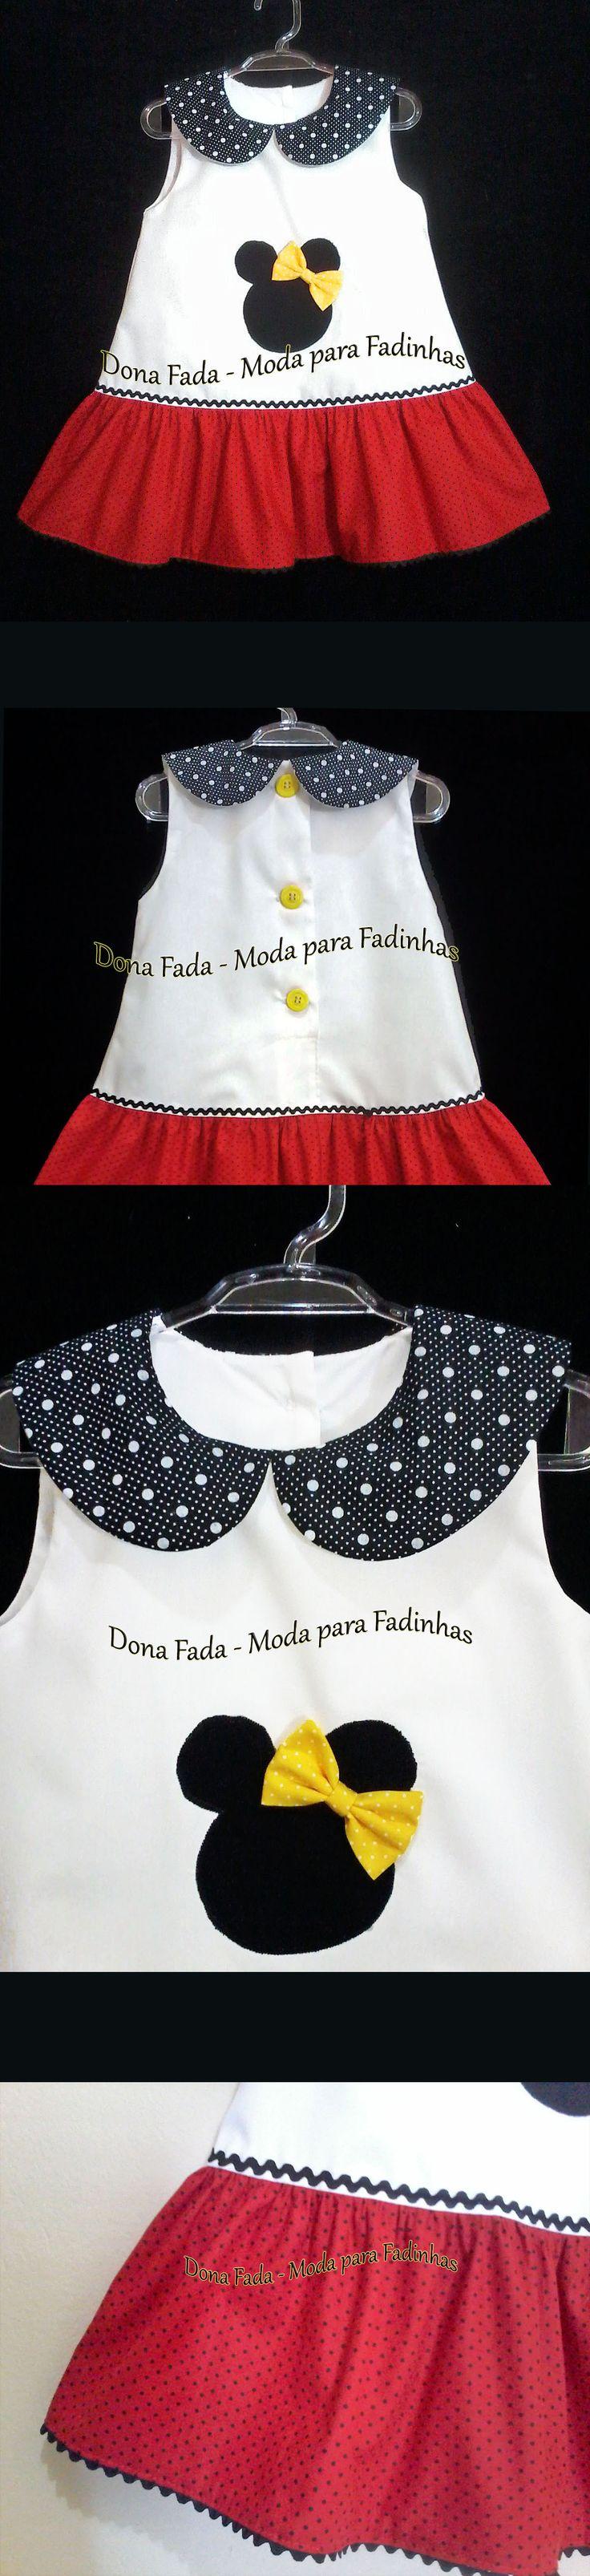 Vestido Minie 3 anos_______________baby - infant - toddler - kids - clothes for girls - - - https://www.facebook.com/dona.fada.moda.para.fadinhas/